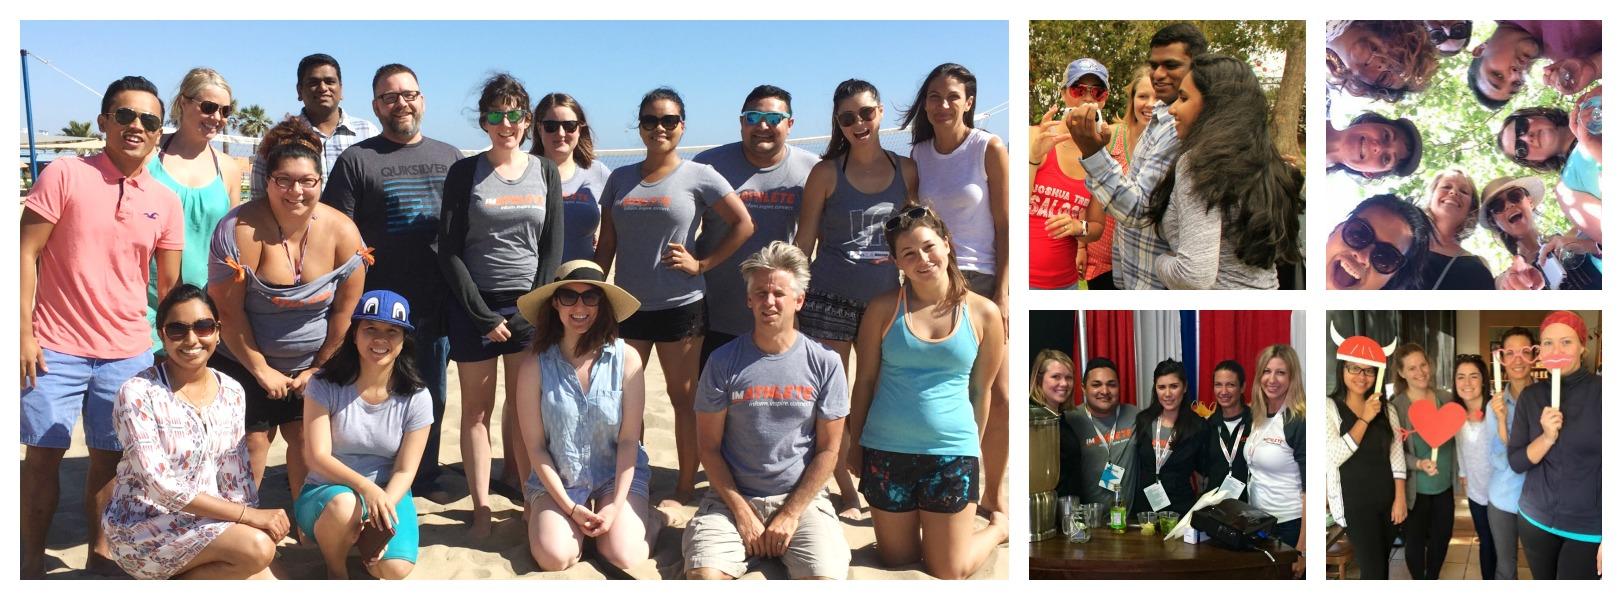 team_collage.jpg